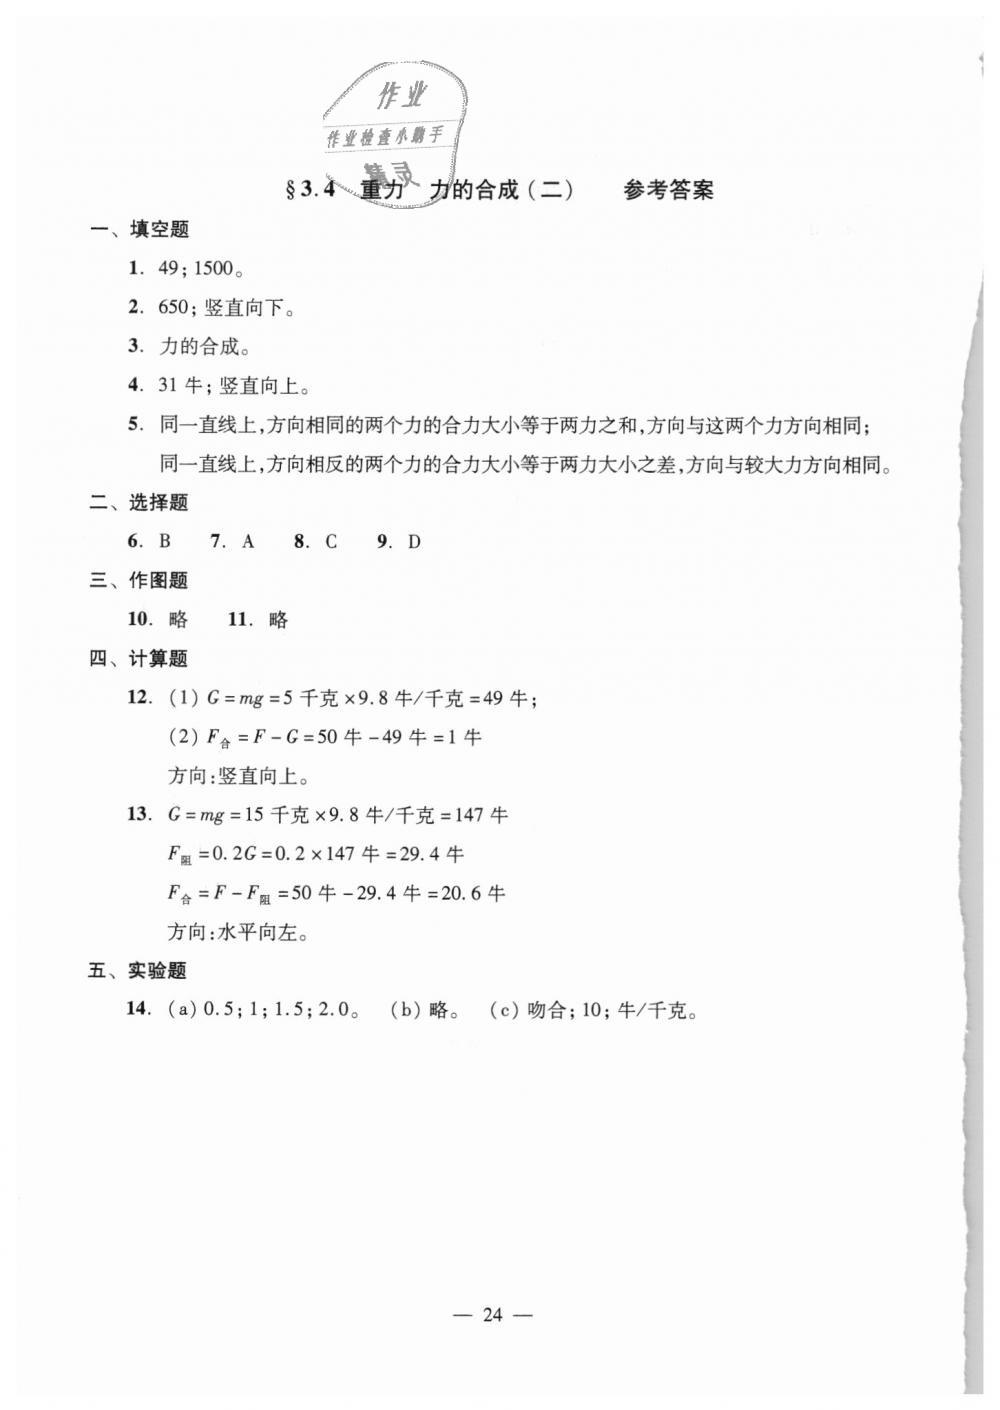 2018年初中物理双基过关堂堂练八年级全一册沪教版第24页